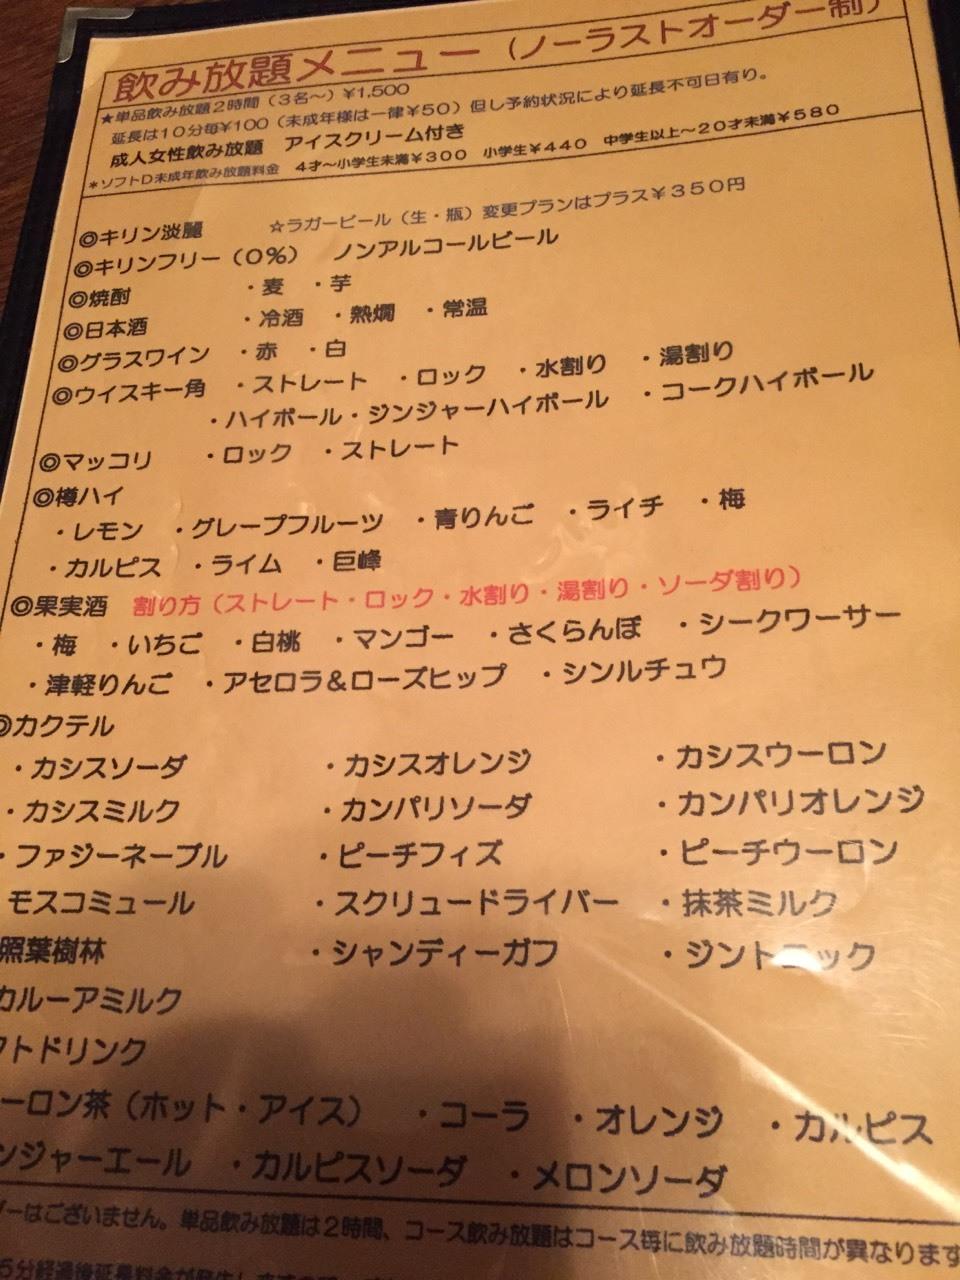 炙り焼きダイニング炭屋吉鳥   青野前夜祭_e0115904_11033953.jpg